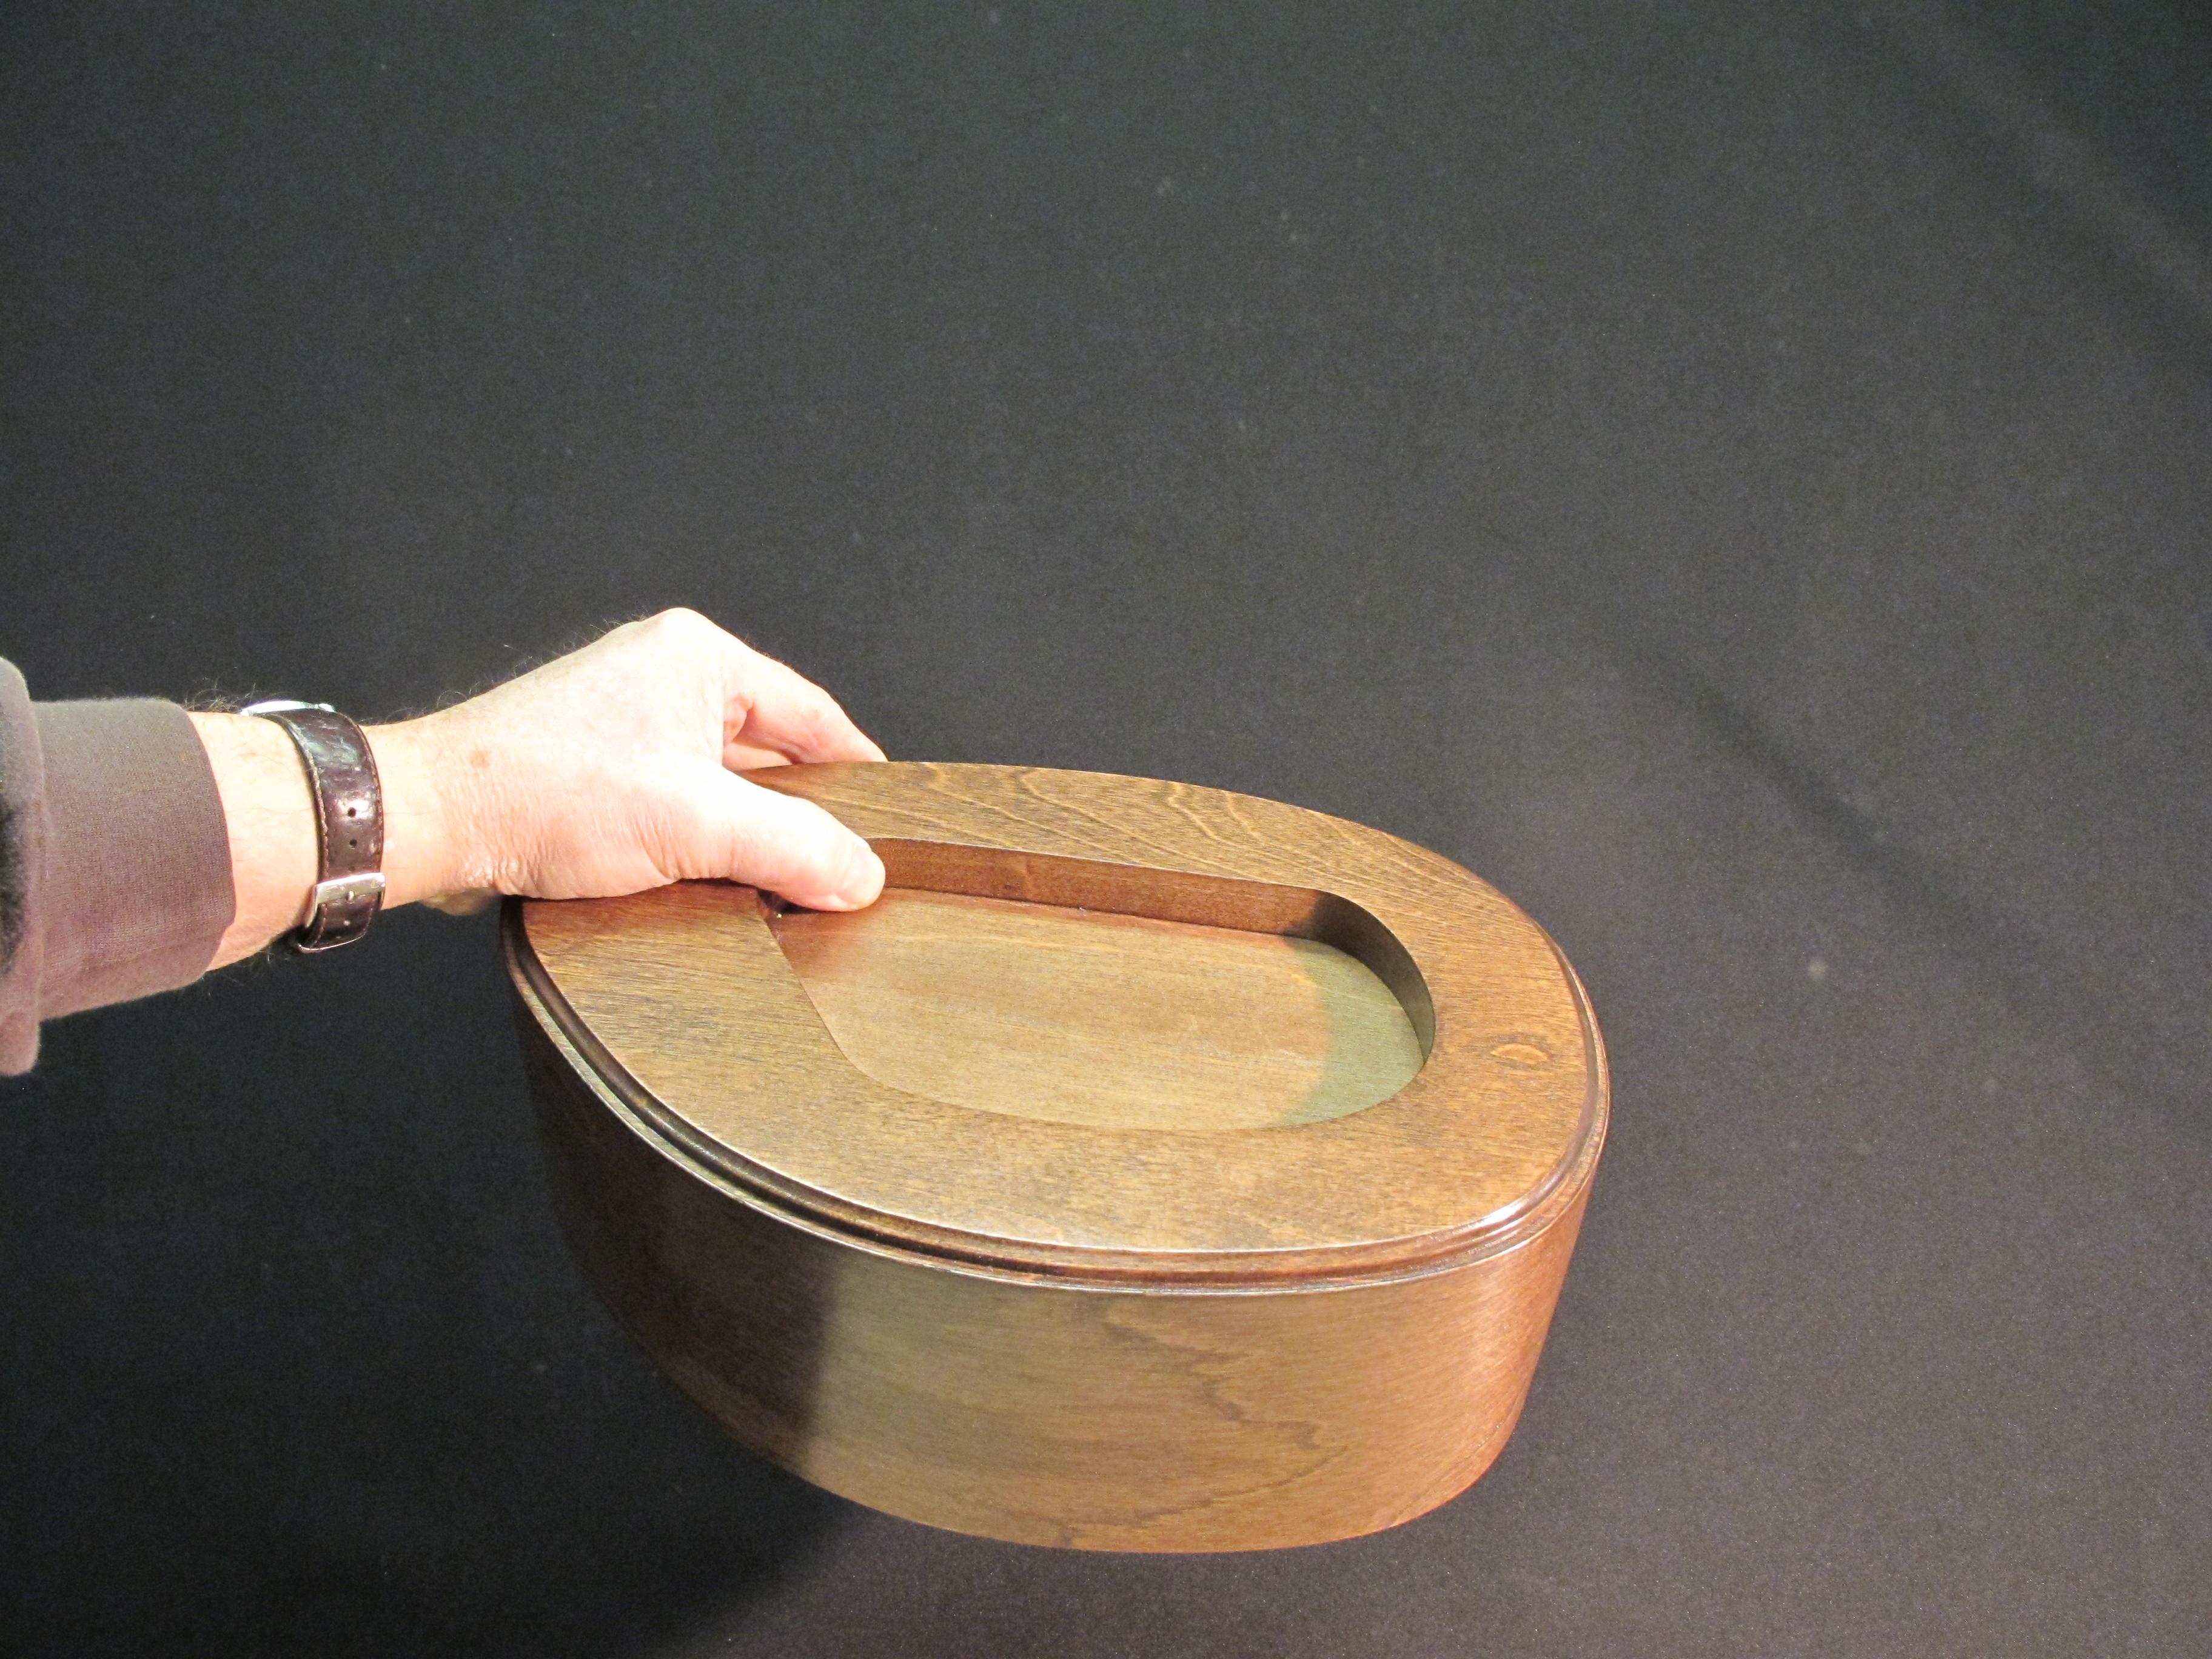 Urne en bois pour contenir les cendres $$335.